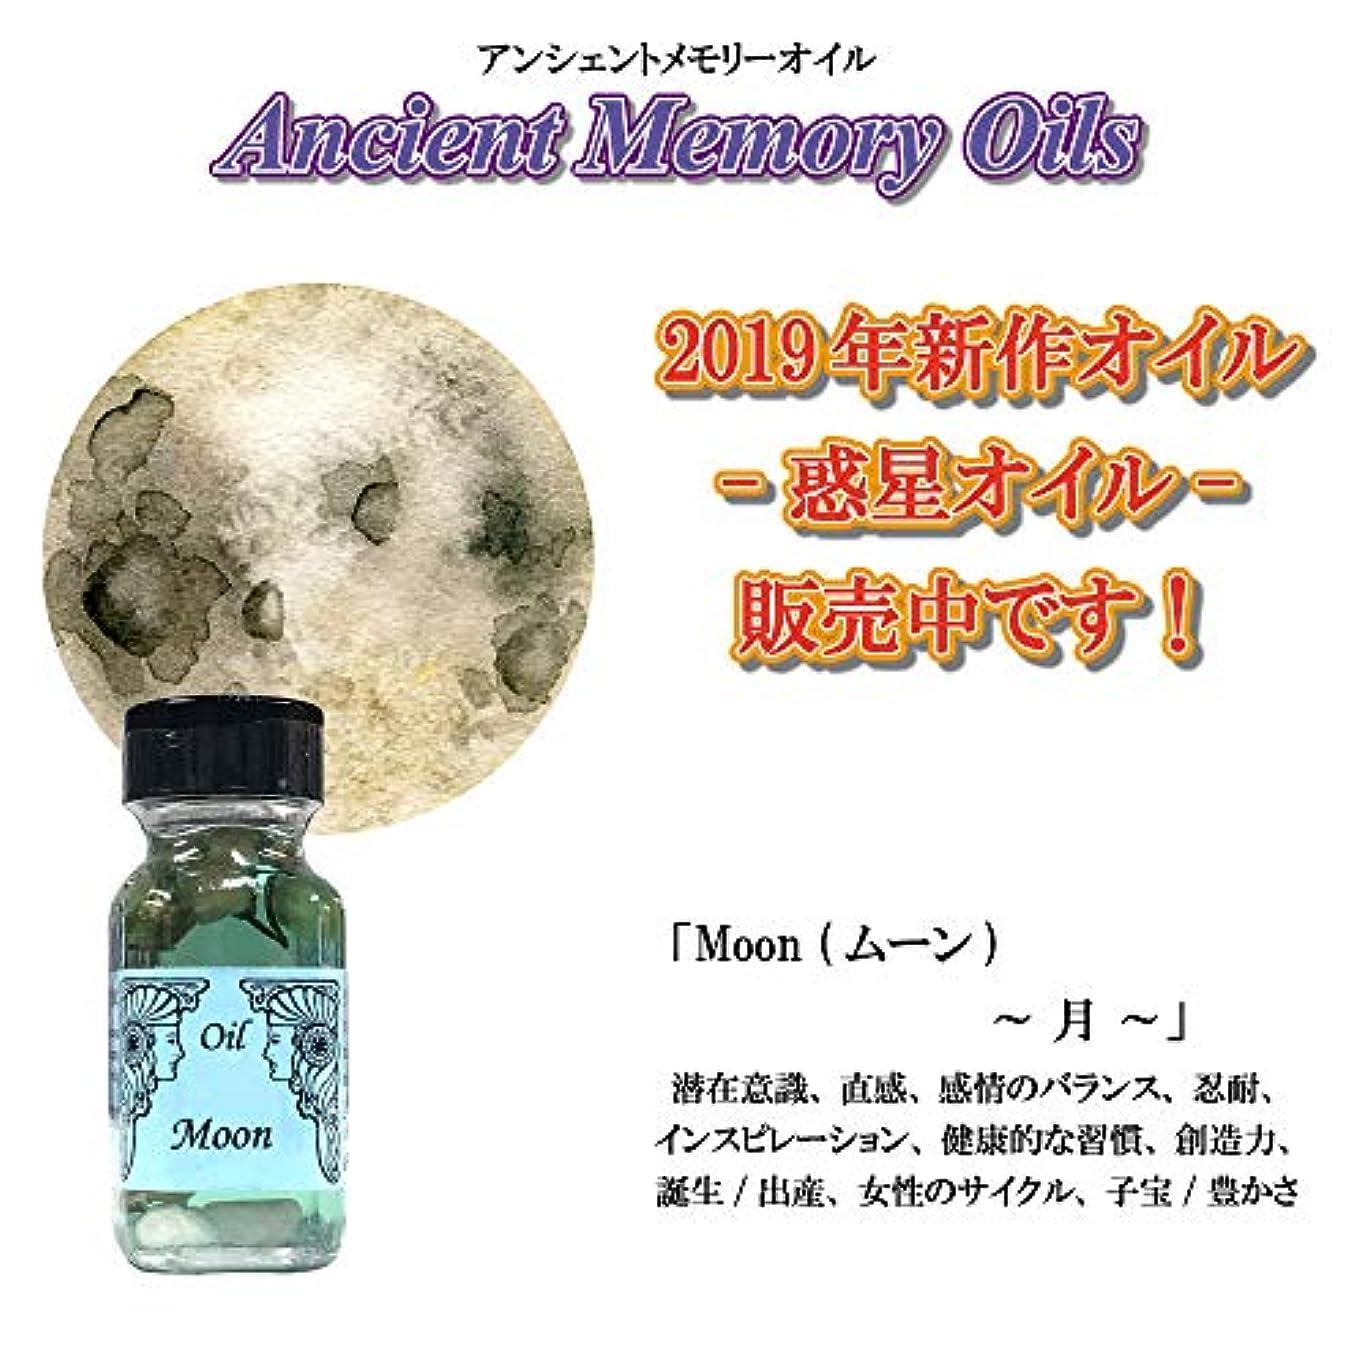 ビバ賛辞クロニクルSEDONA Ancient Memory Oils セドナ アンシェントメモリーオイル 惑星オイル Moon 月 ムーン 15ml